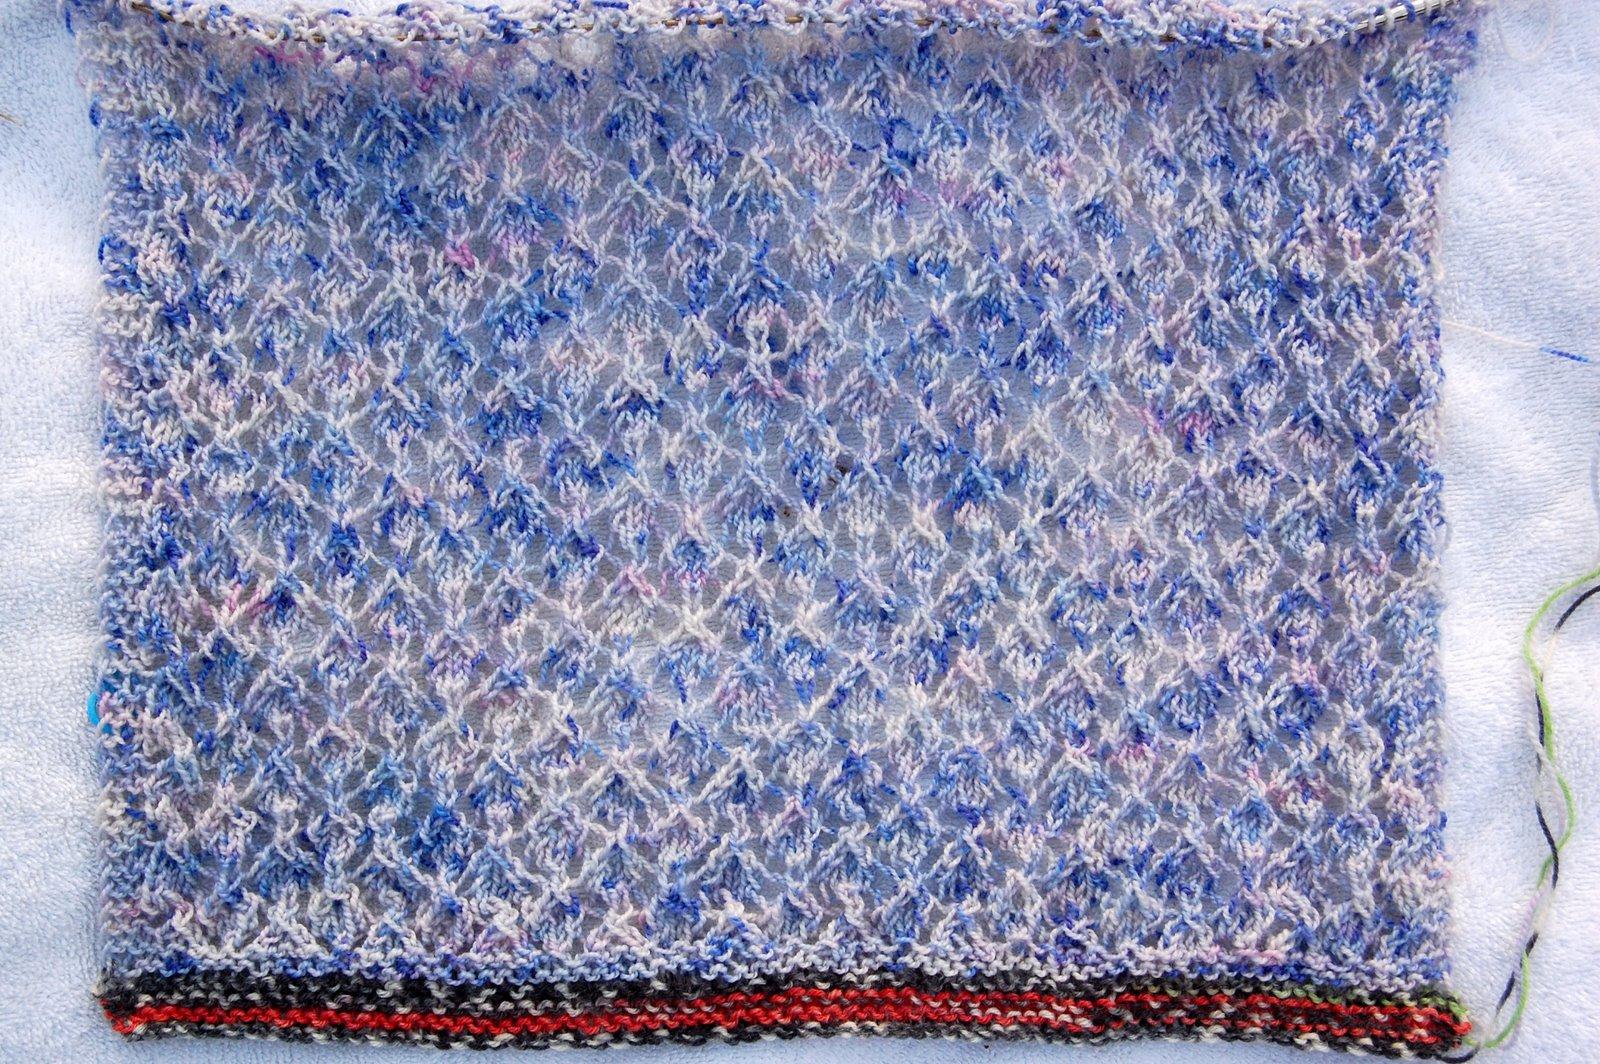 [Hyacinth+shawl+beginning]